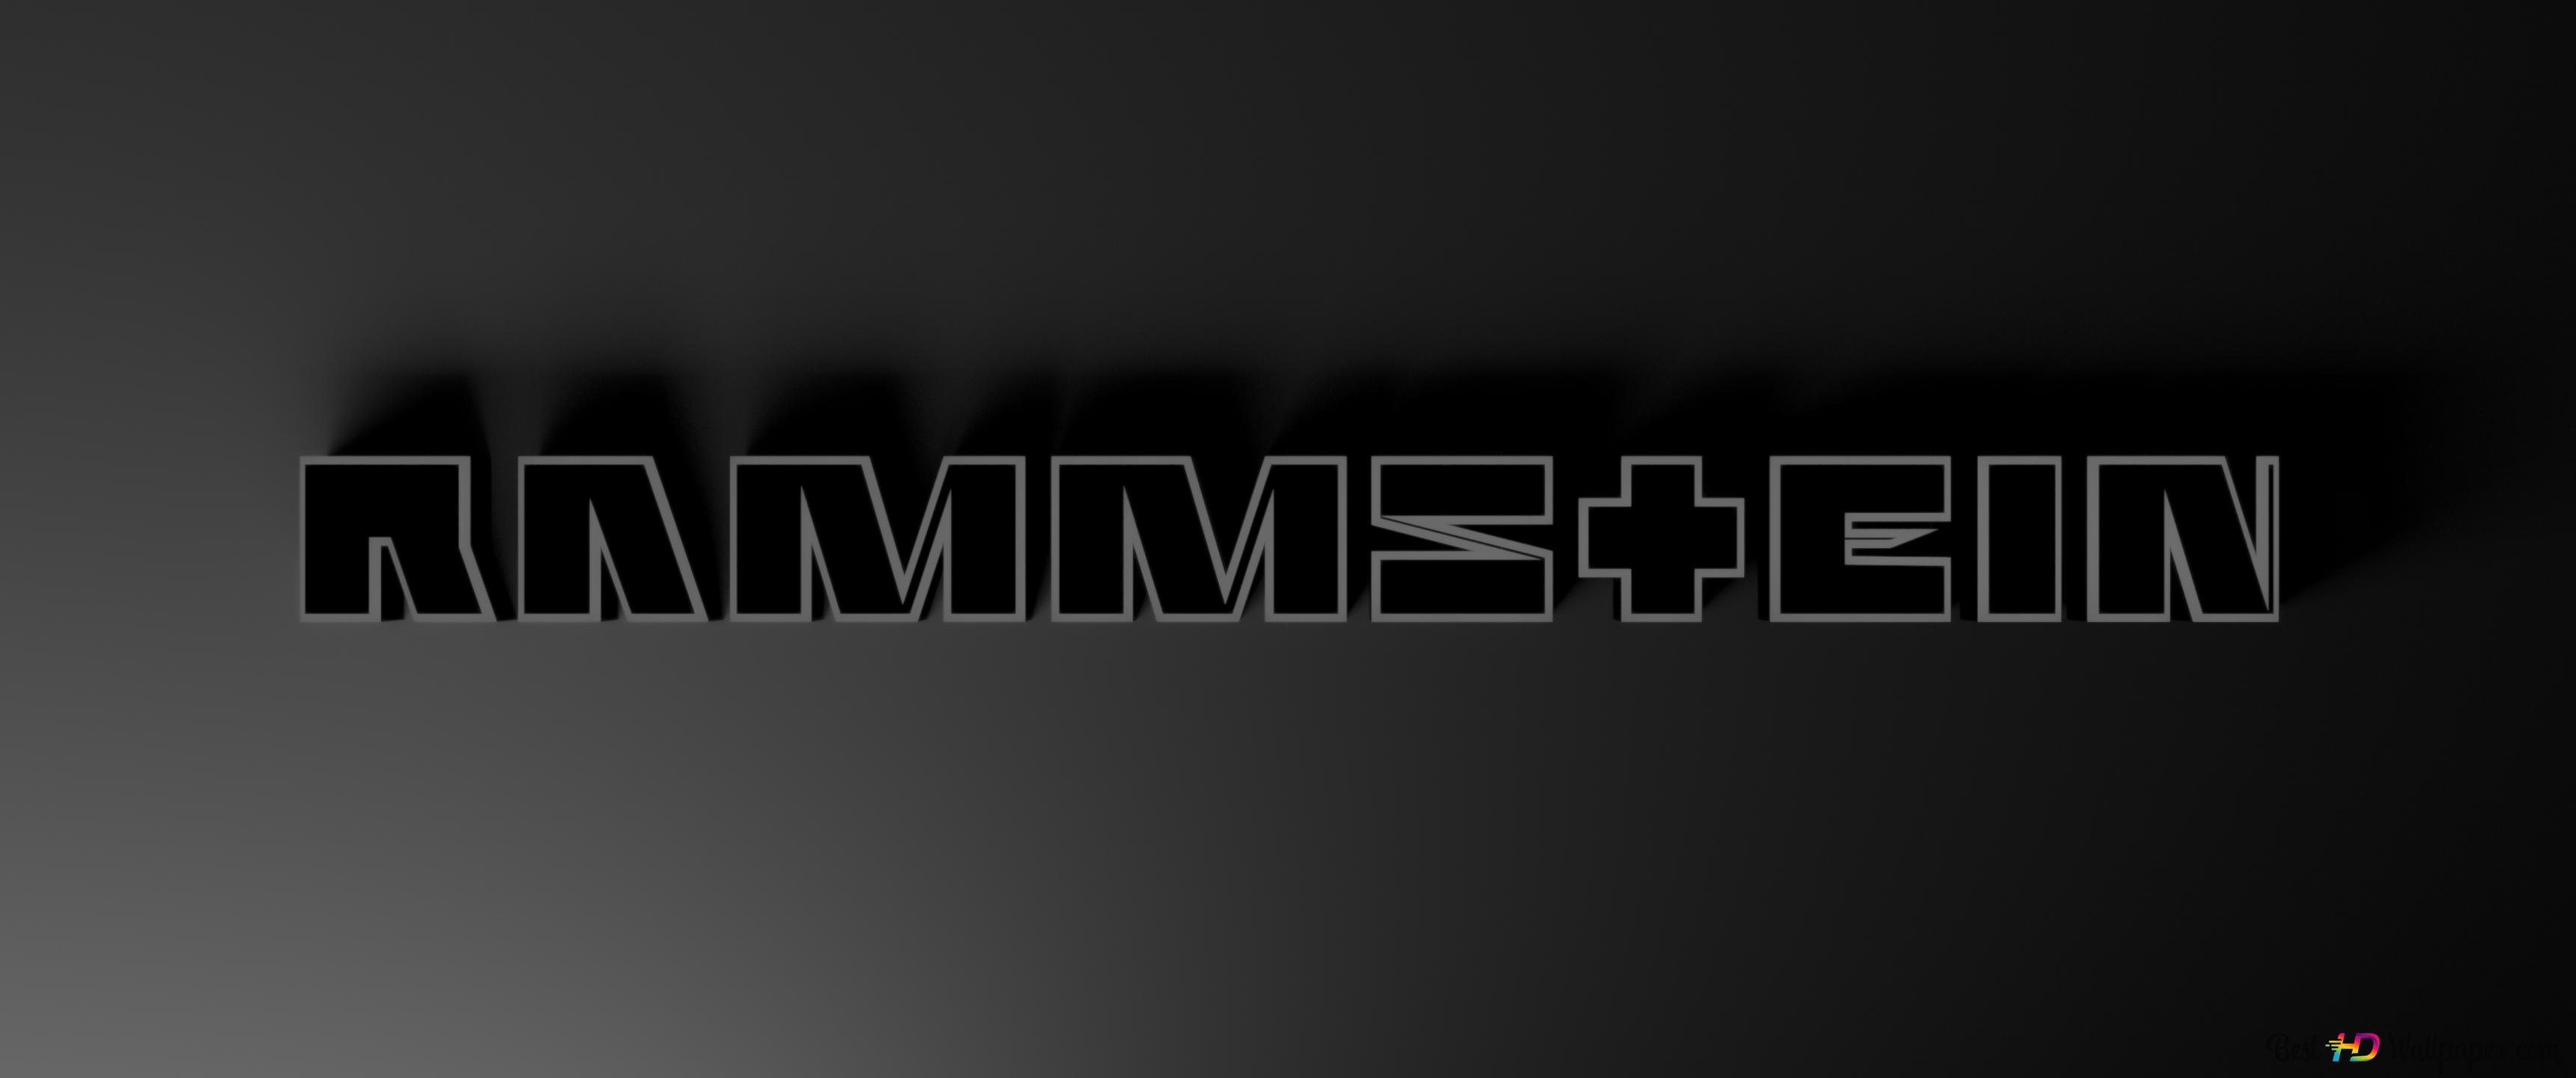 Rammstein Hd Hintergrundbilder Herunterladen